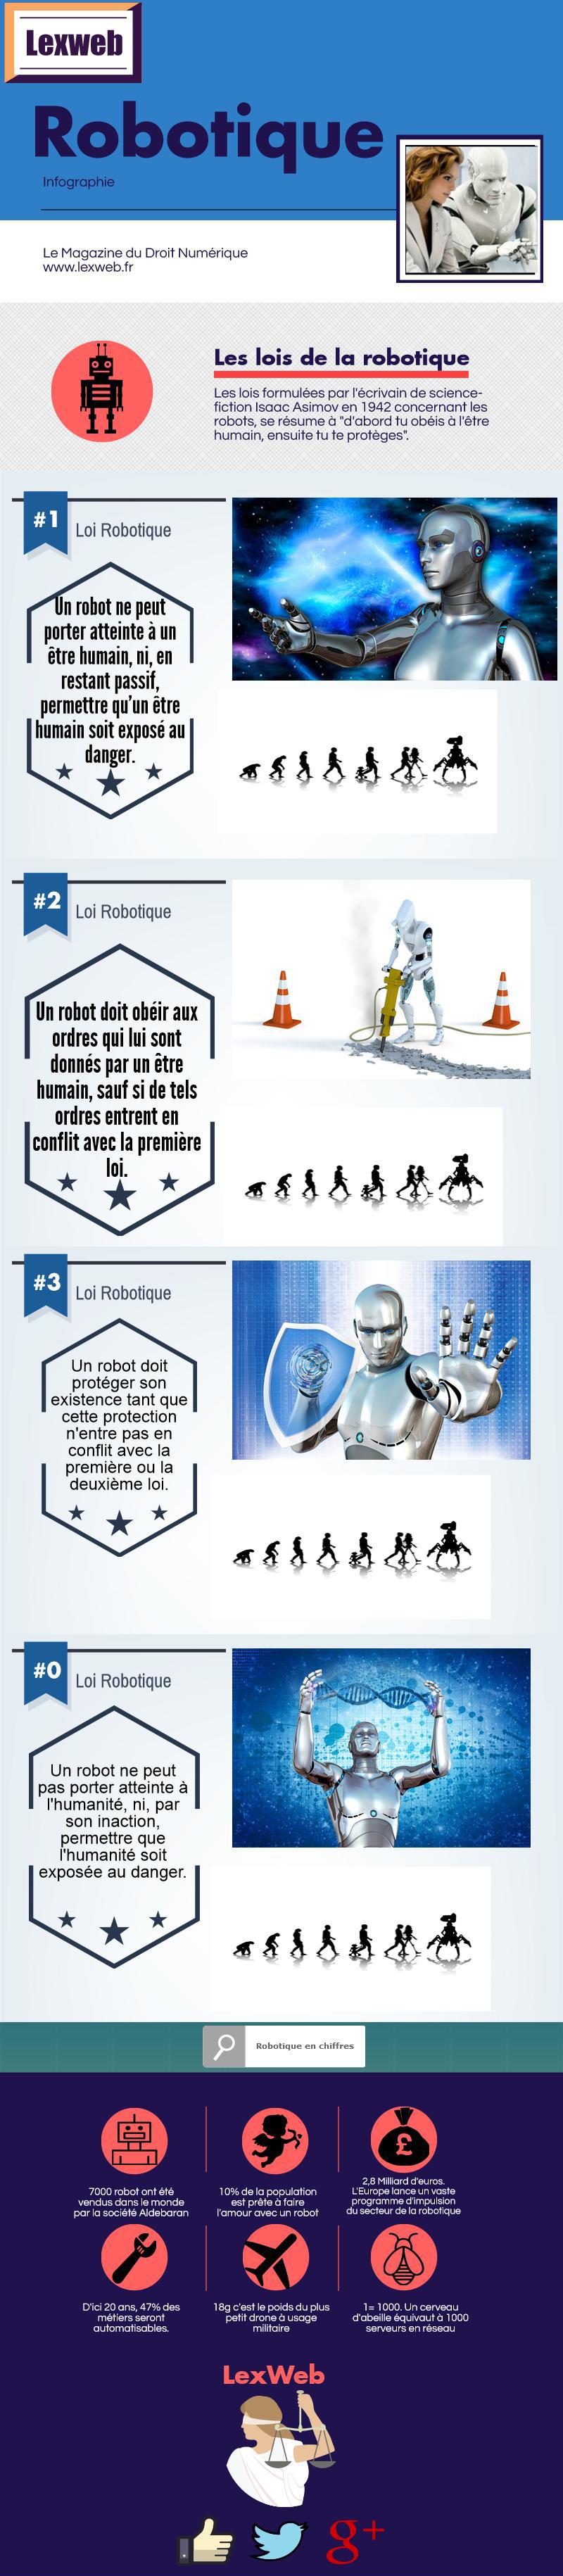 Infographie Robotique